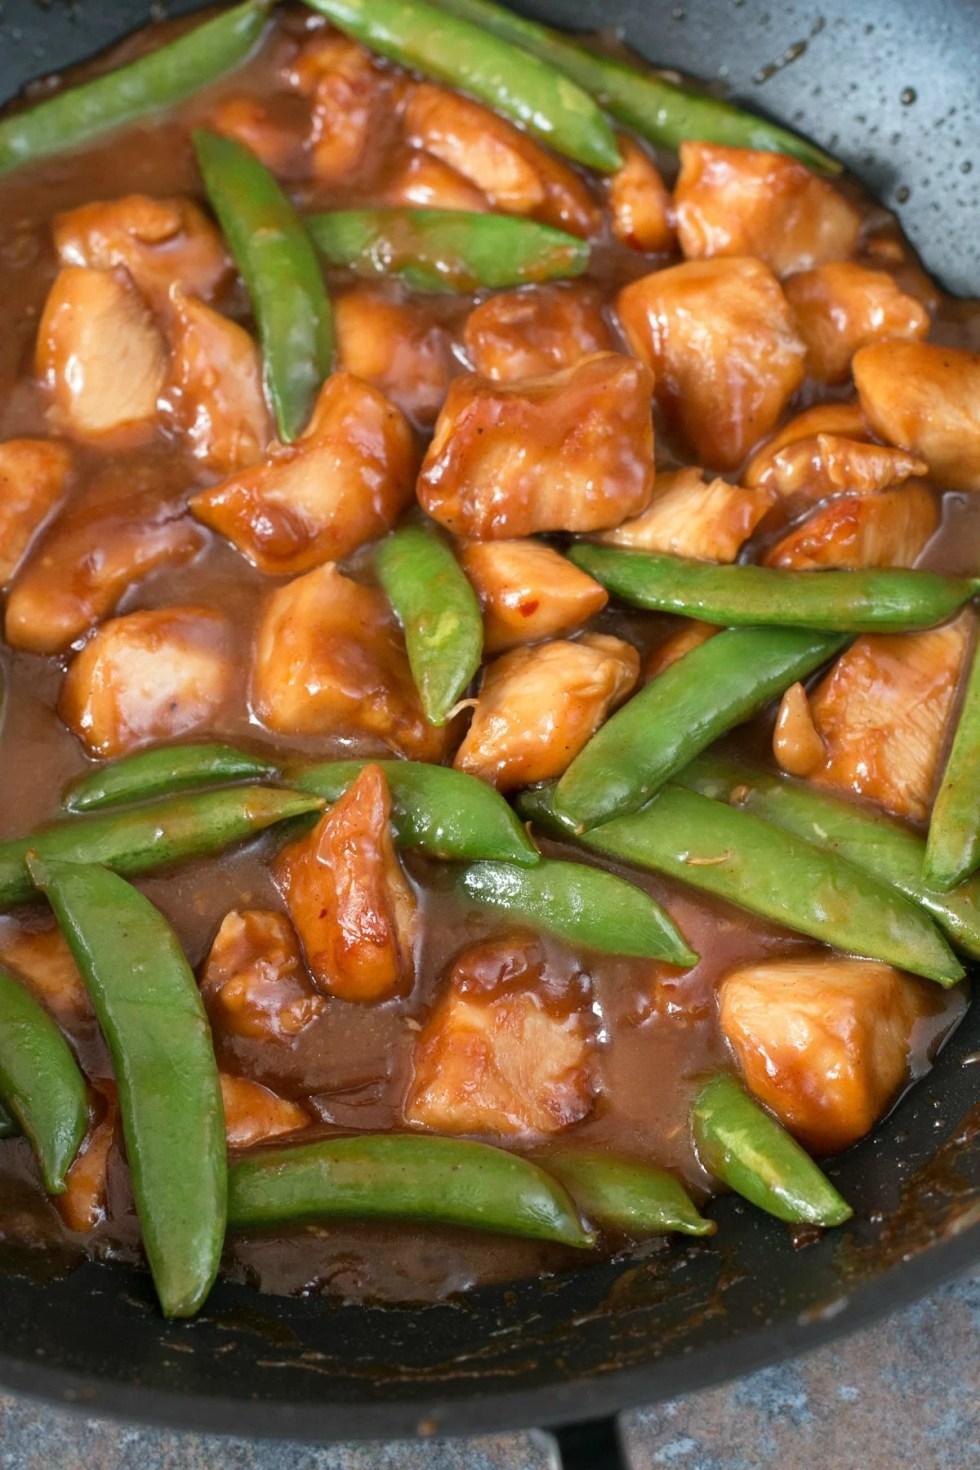 Orange chicken with pea pods in a wok being stir fried